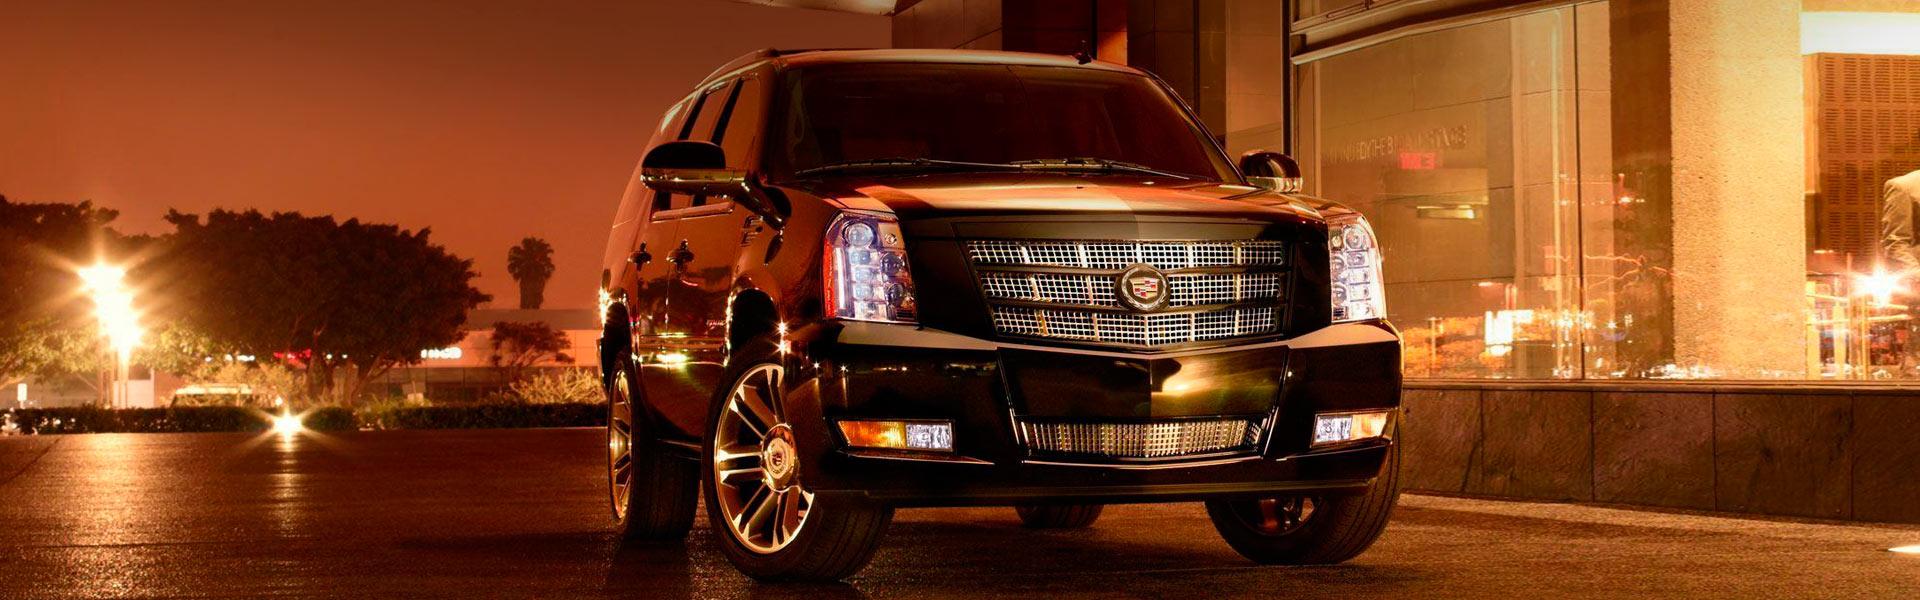 Подушка двигателя на Cadillac Escalade